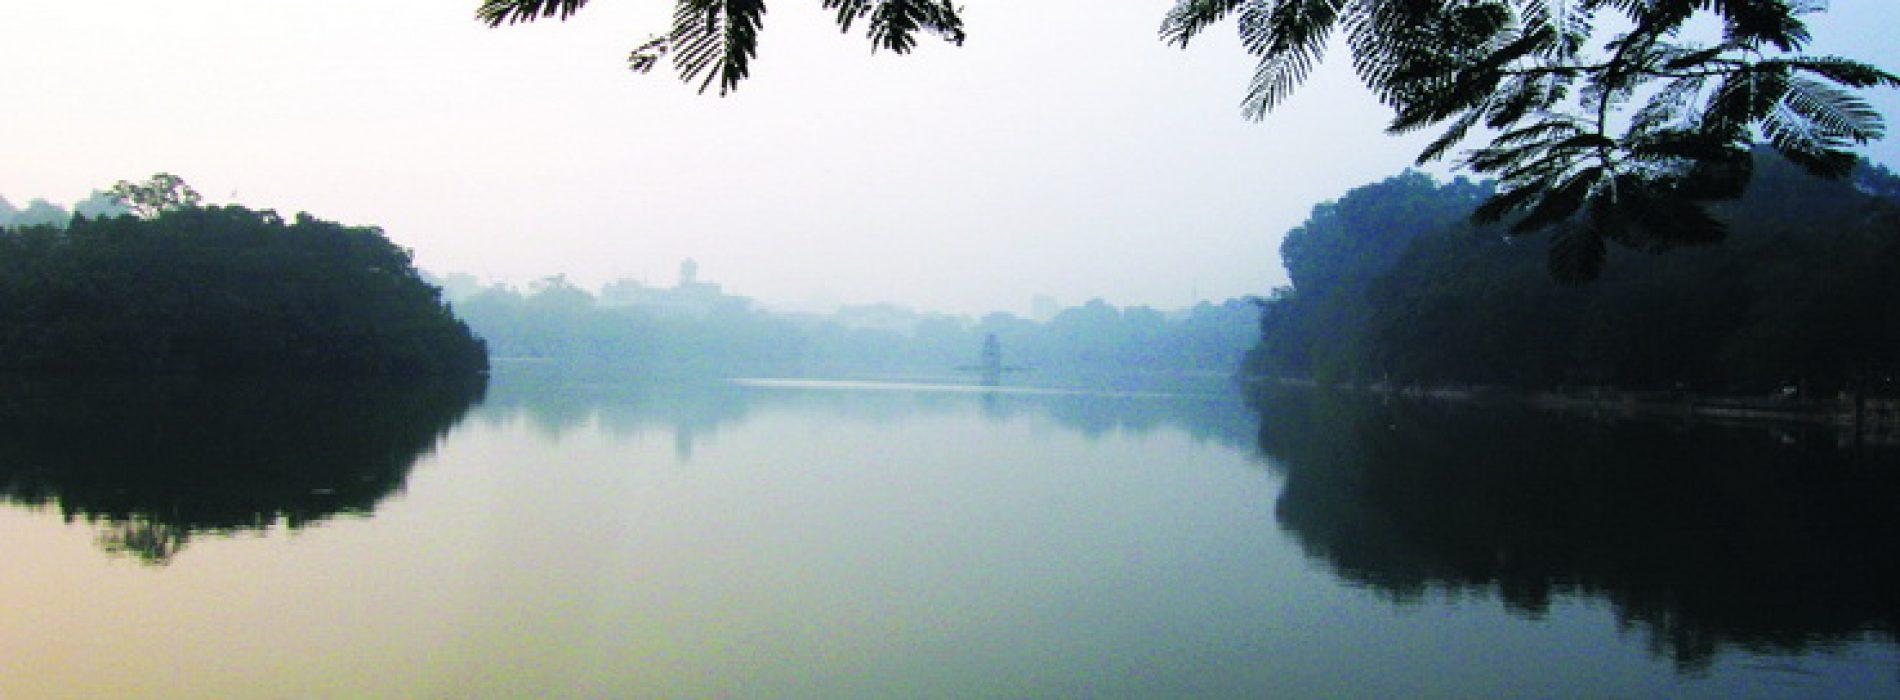 Khoảnh khắc nhiếp ảnh gia KTS Nguyễn Văn Tất